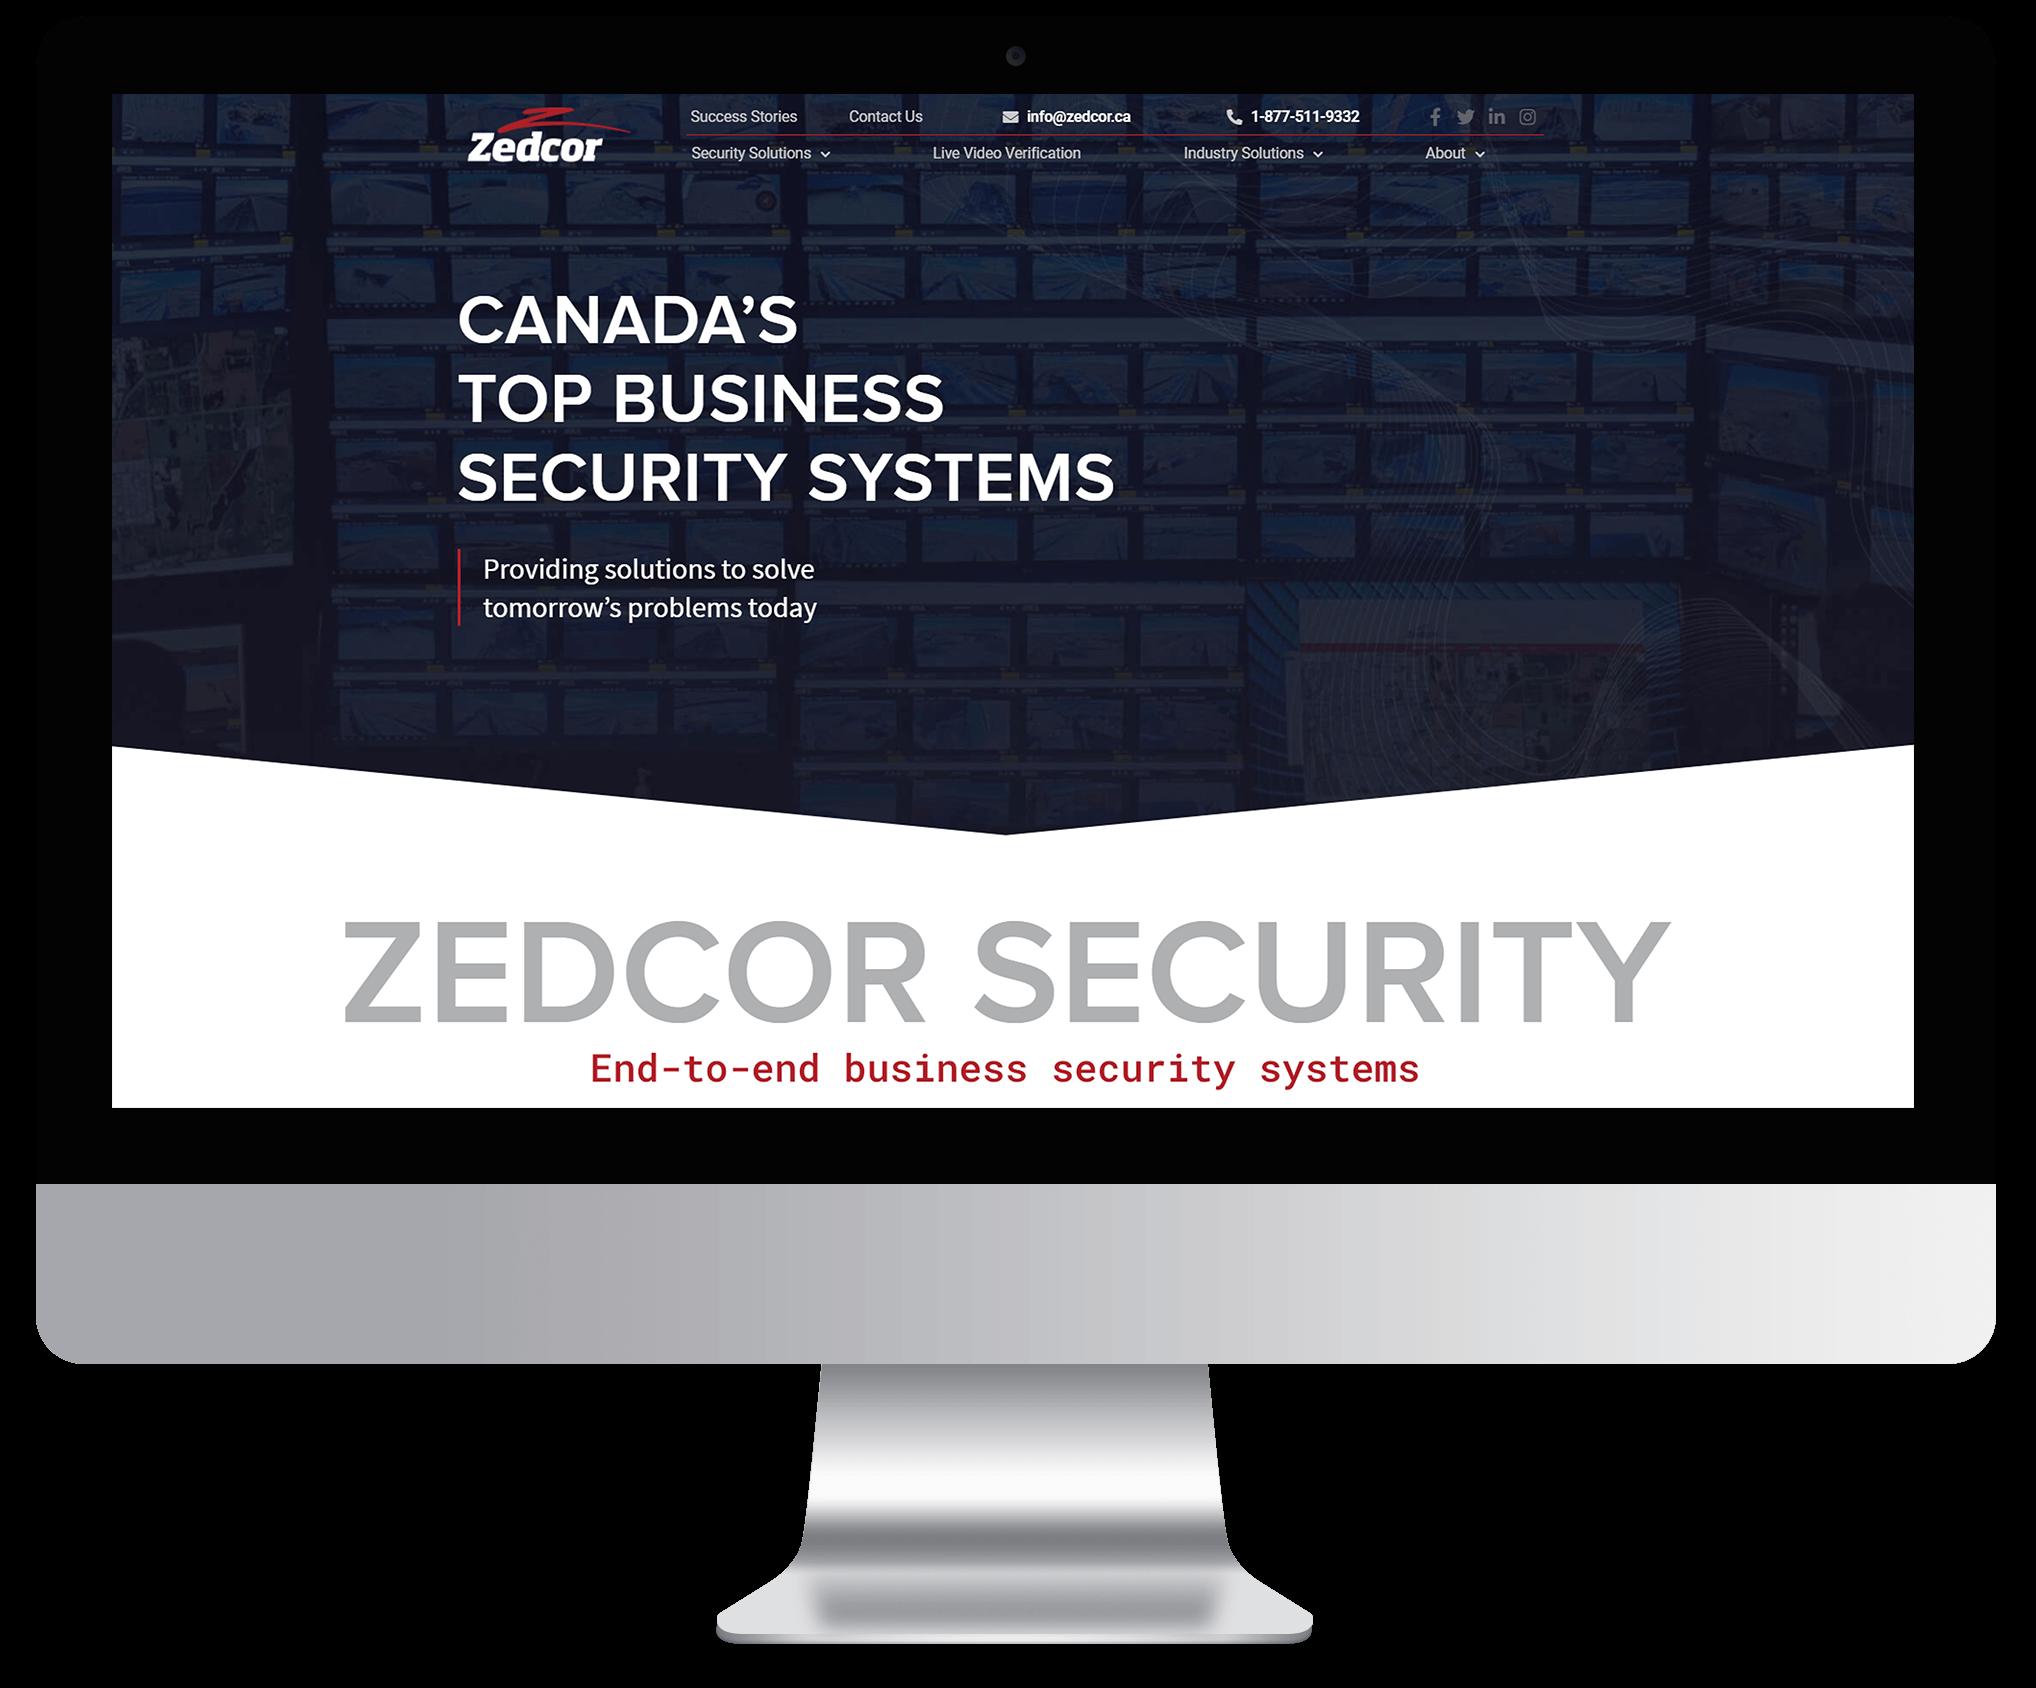 zedcor case study mockup image